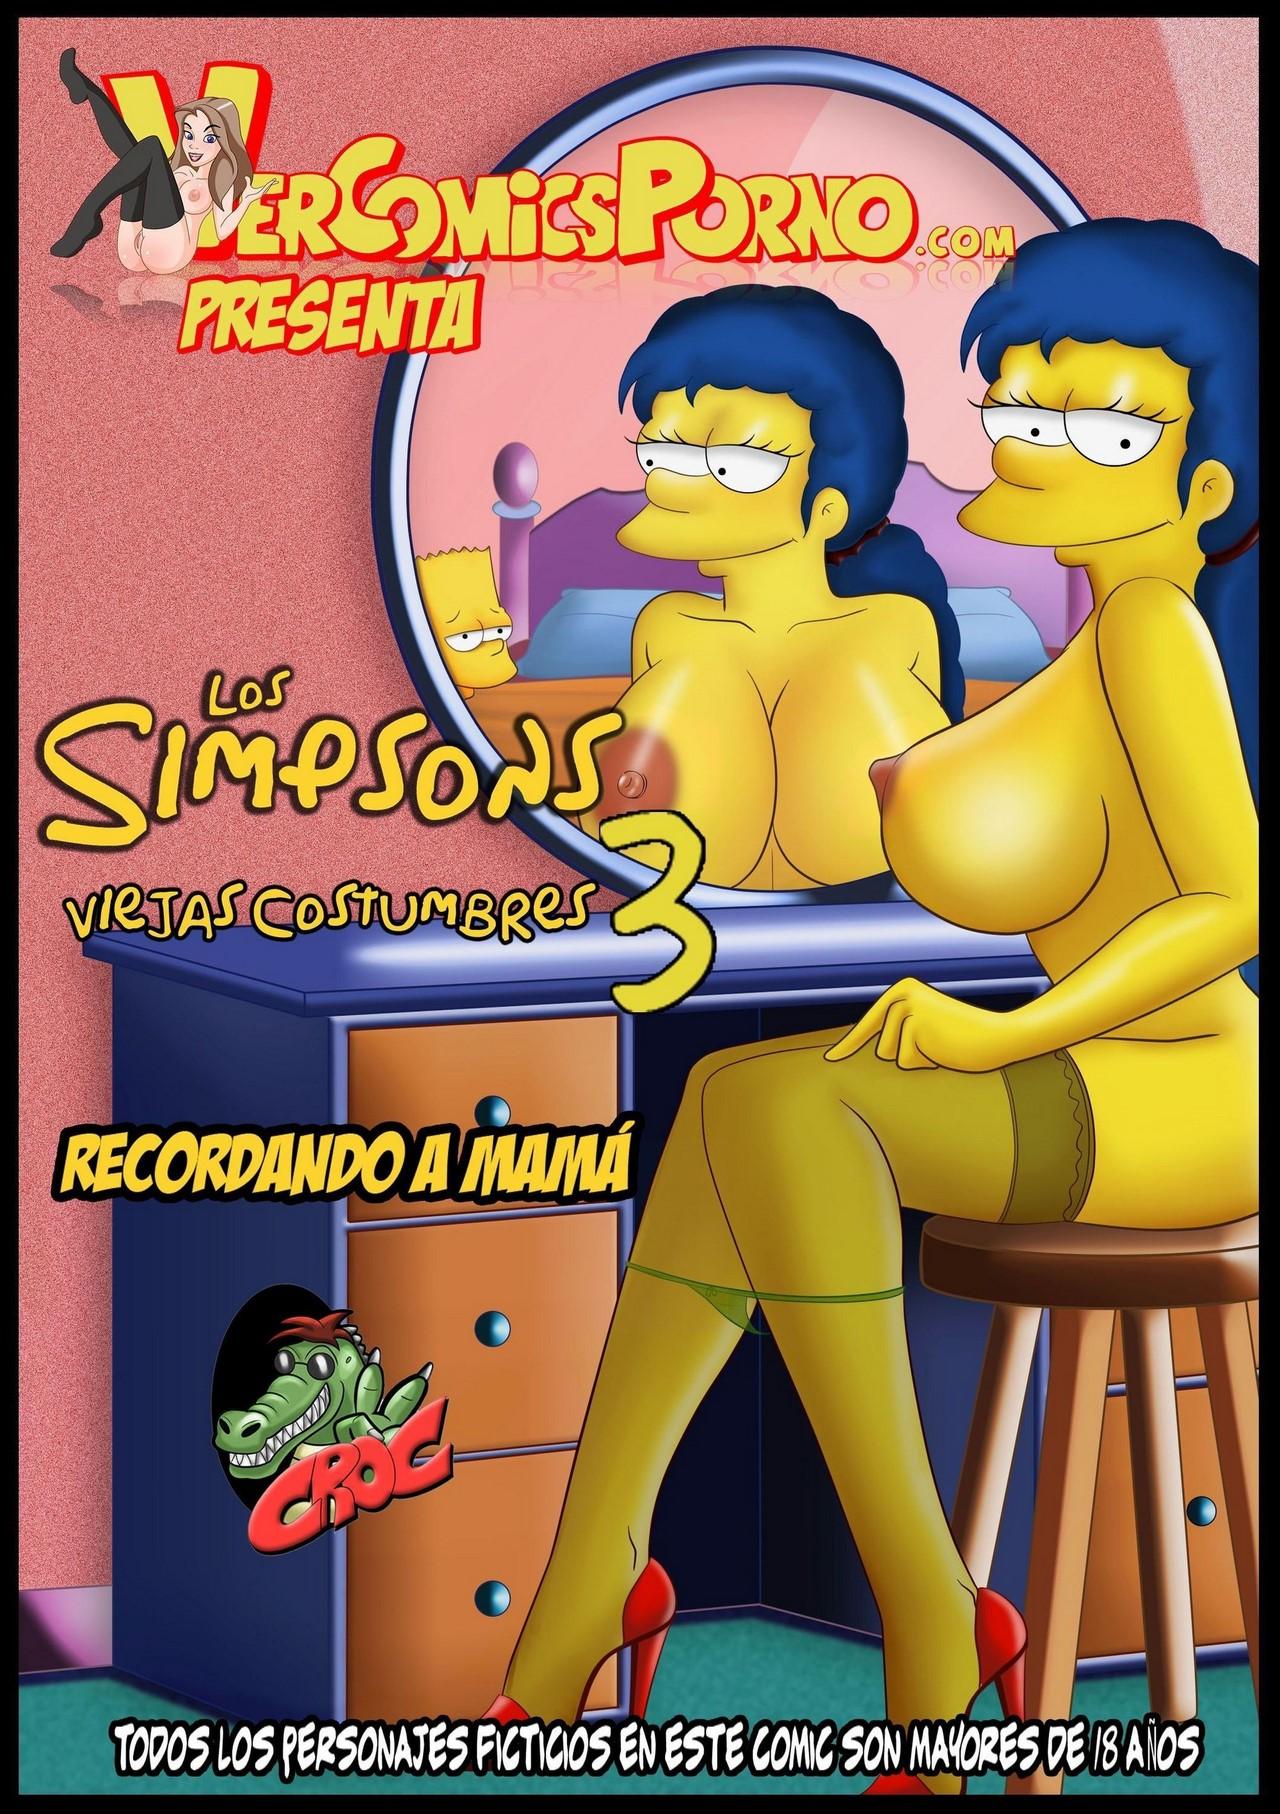 INCESTO Los simpsons malas costumbres-bart-march-lisa-magy-homero-xxx-sexo-vagina-tetas-desnuda-follando-polla-coño-panocha-tetas-hentai (1)